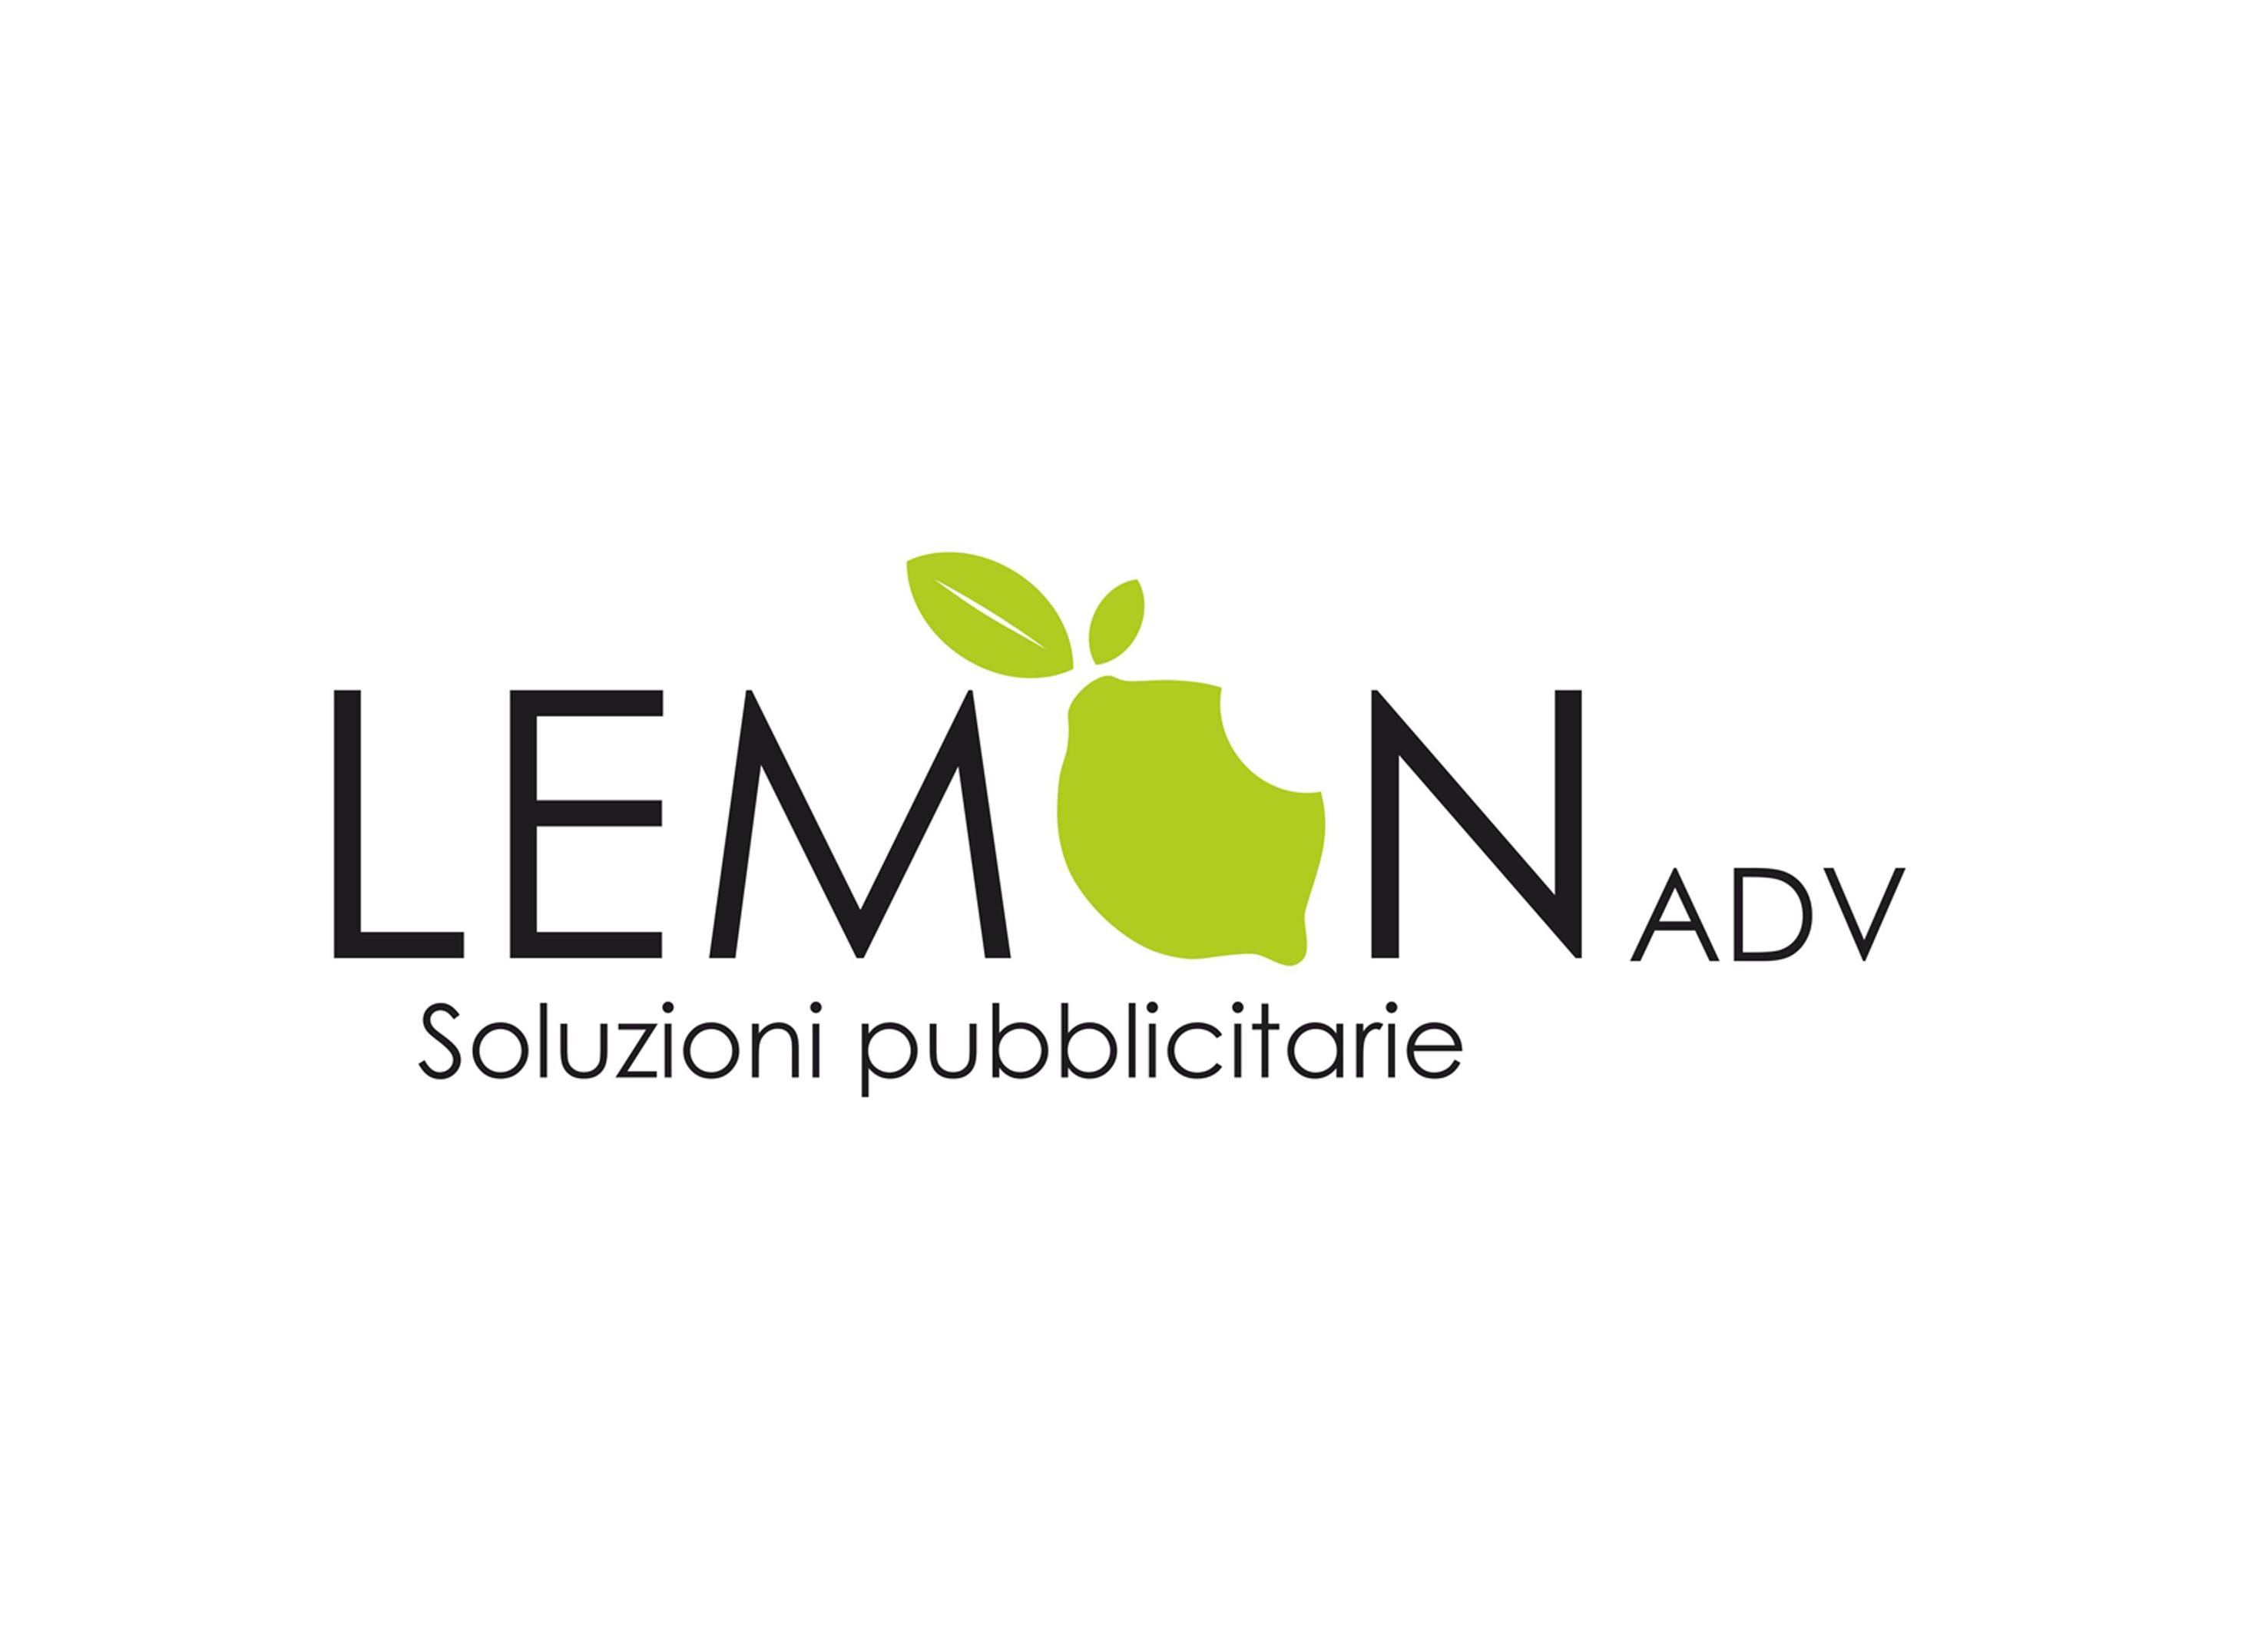 LEMON ADV Soluzioni pubblicitarie